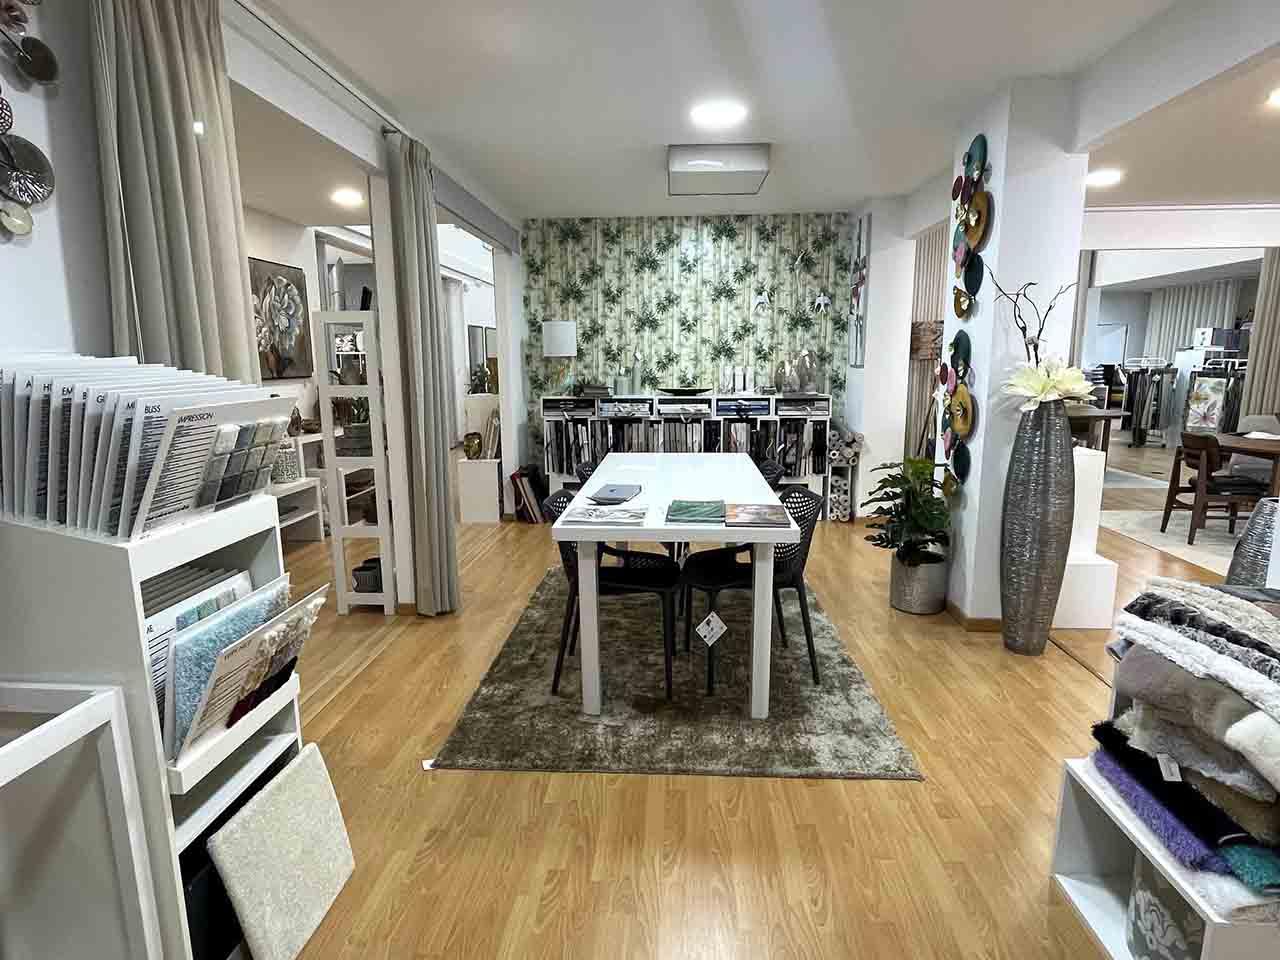 lisiarte-cortinados-papeldeparede-decoração-interiores-caldasdarainha-oeste-sãomartinho-bomsucesso-lisboa-praiadelrey